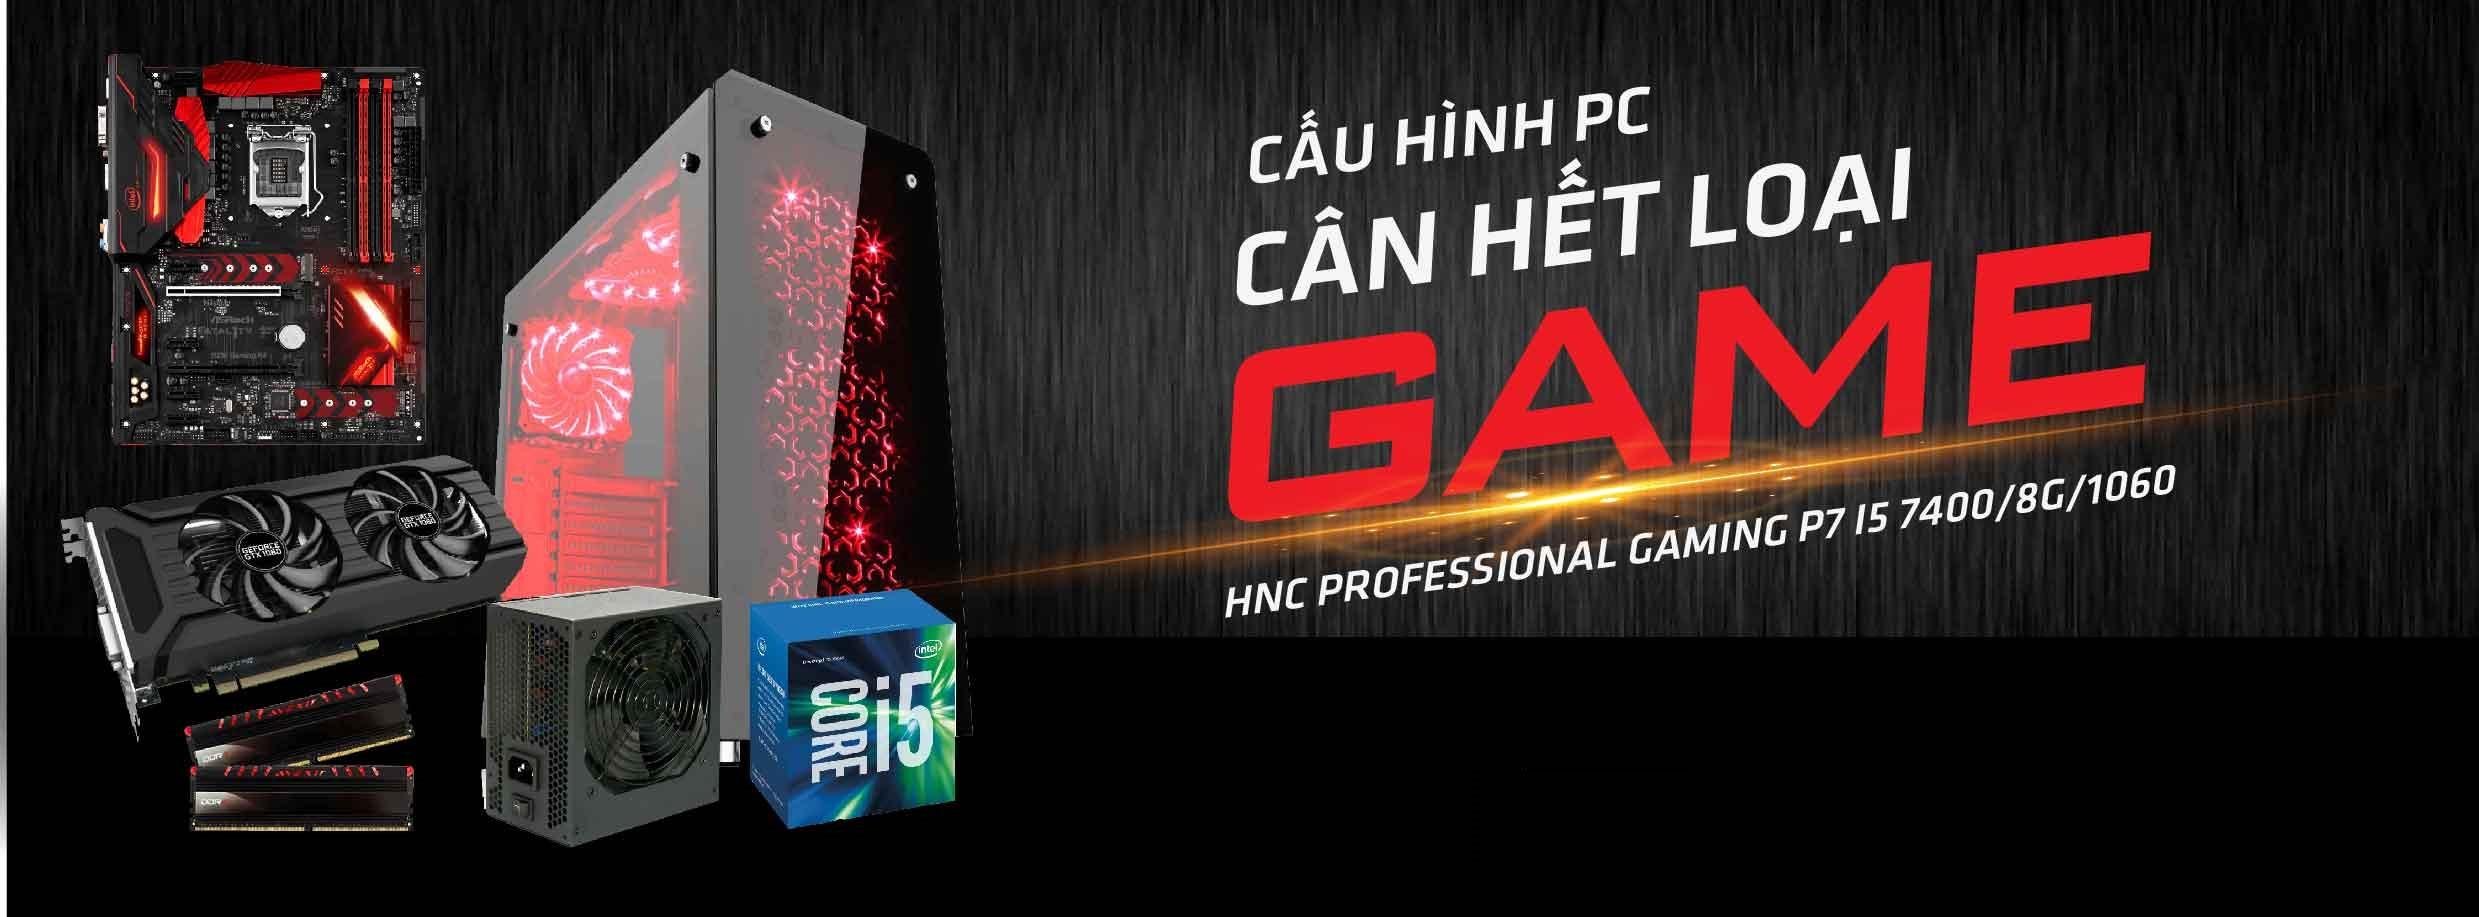 TẠI SAO NÊN LỰA CHỌN PC GAMING HNC